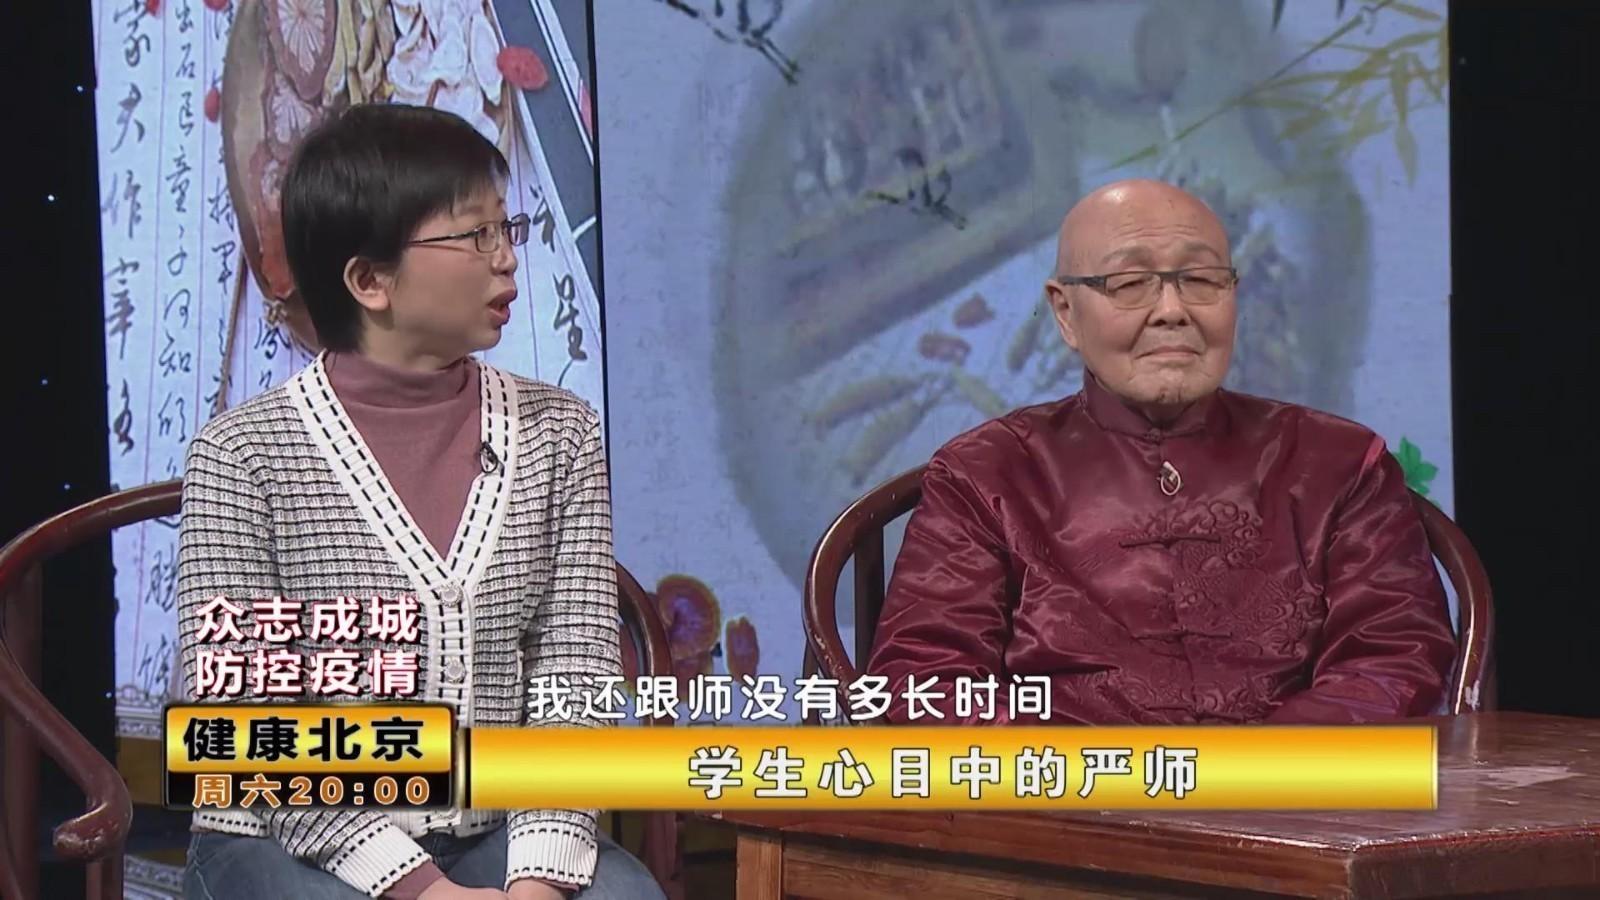 学生心目中的严师,86岁名老中医话传承